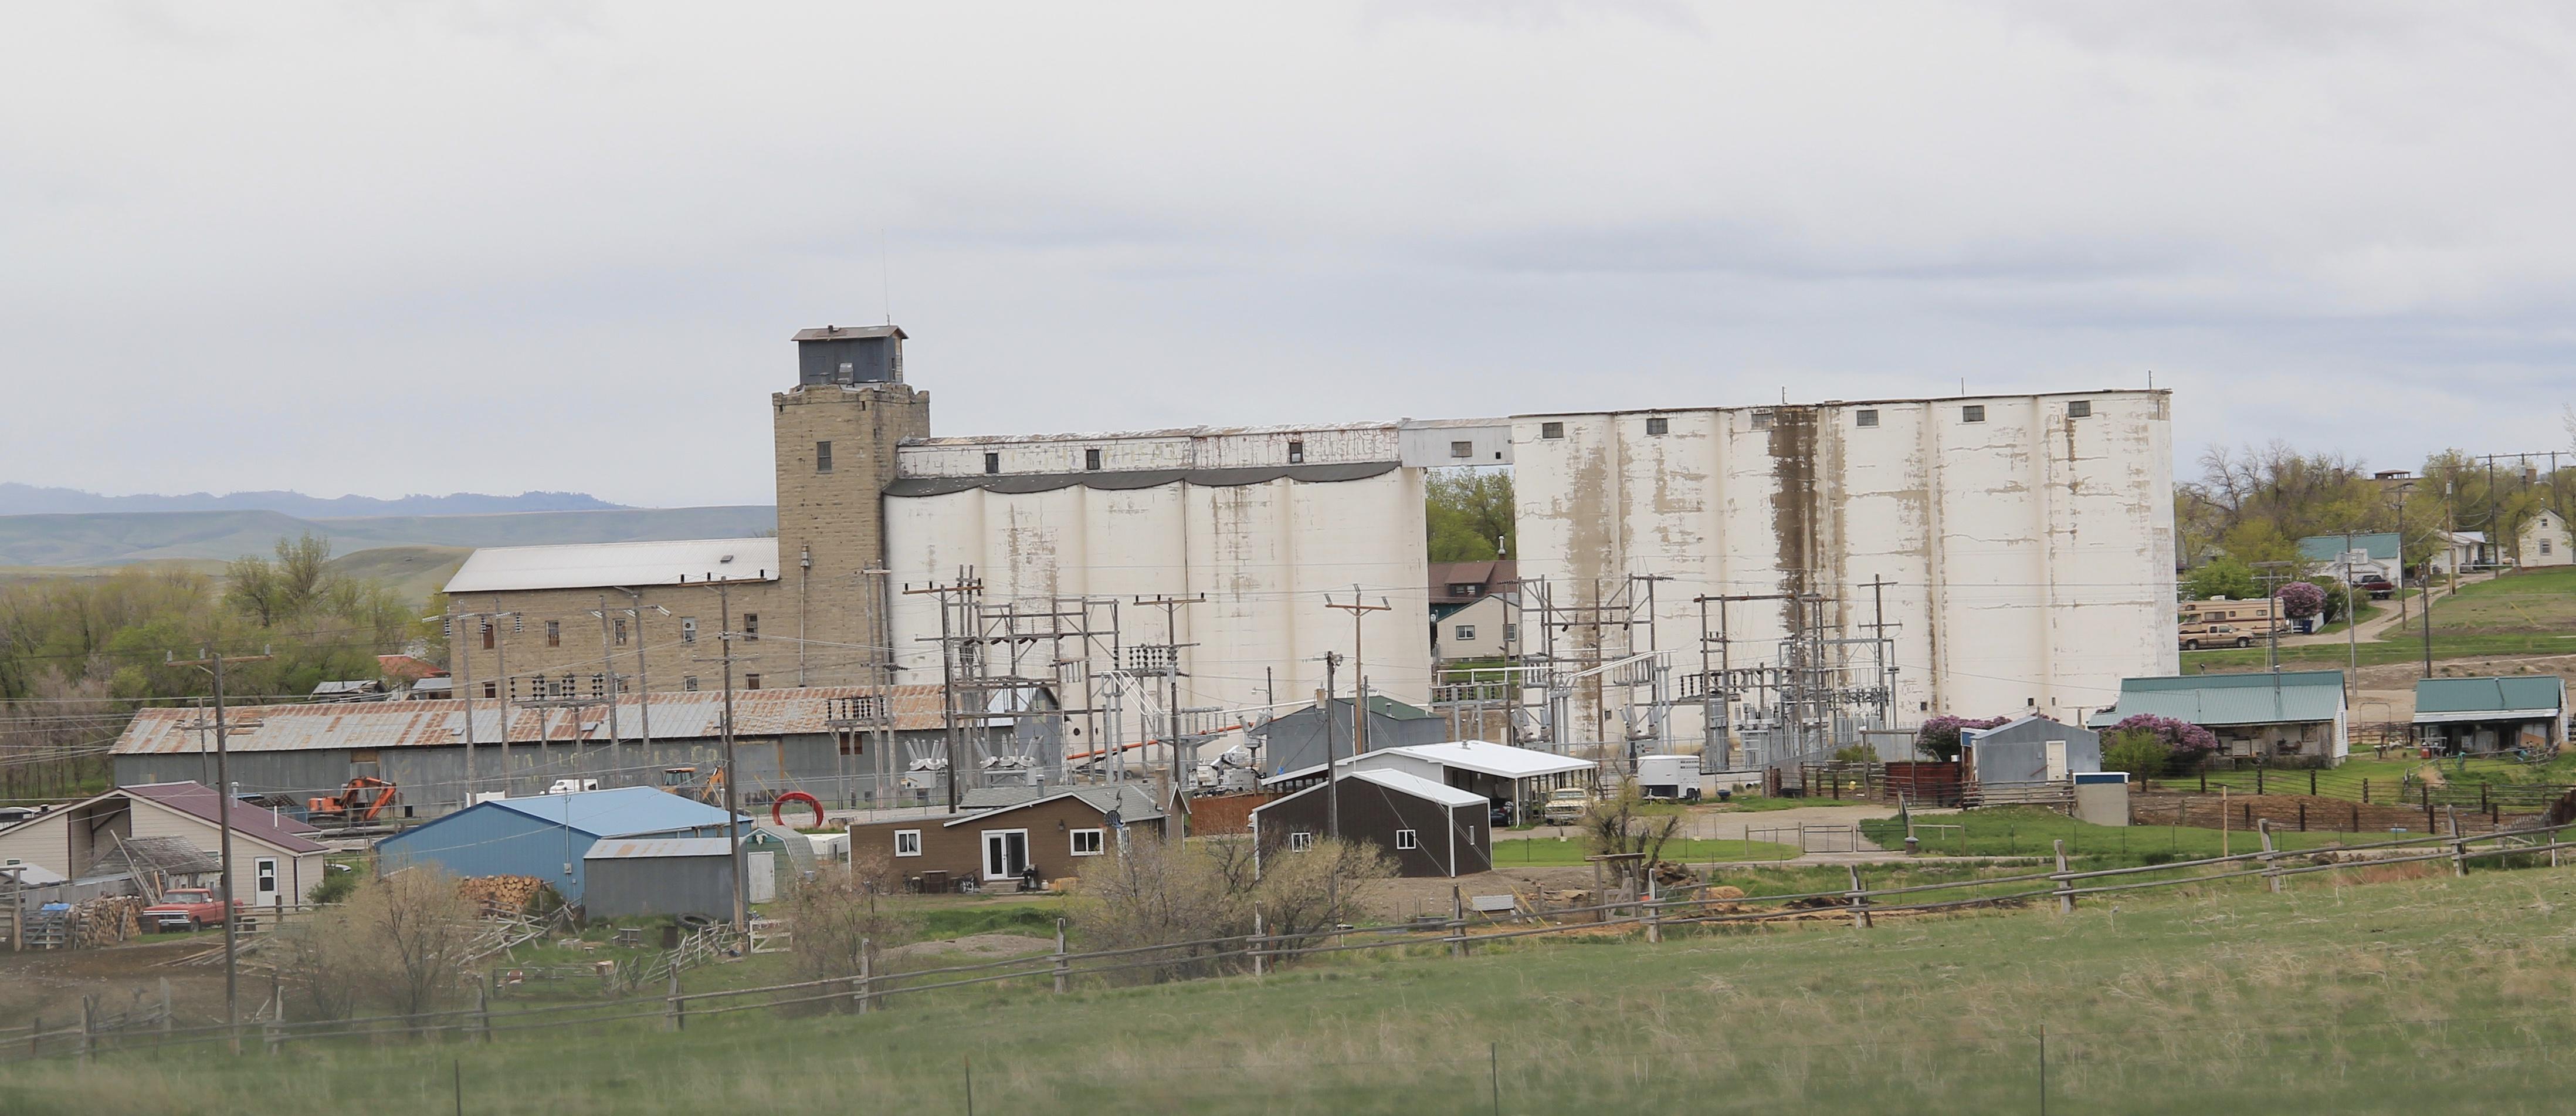 Wheatland Co Harlowton concrete elevators 2